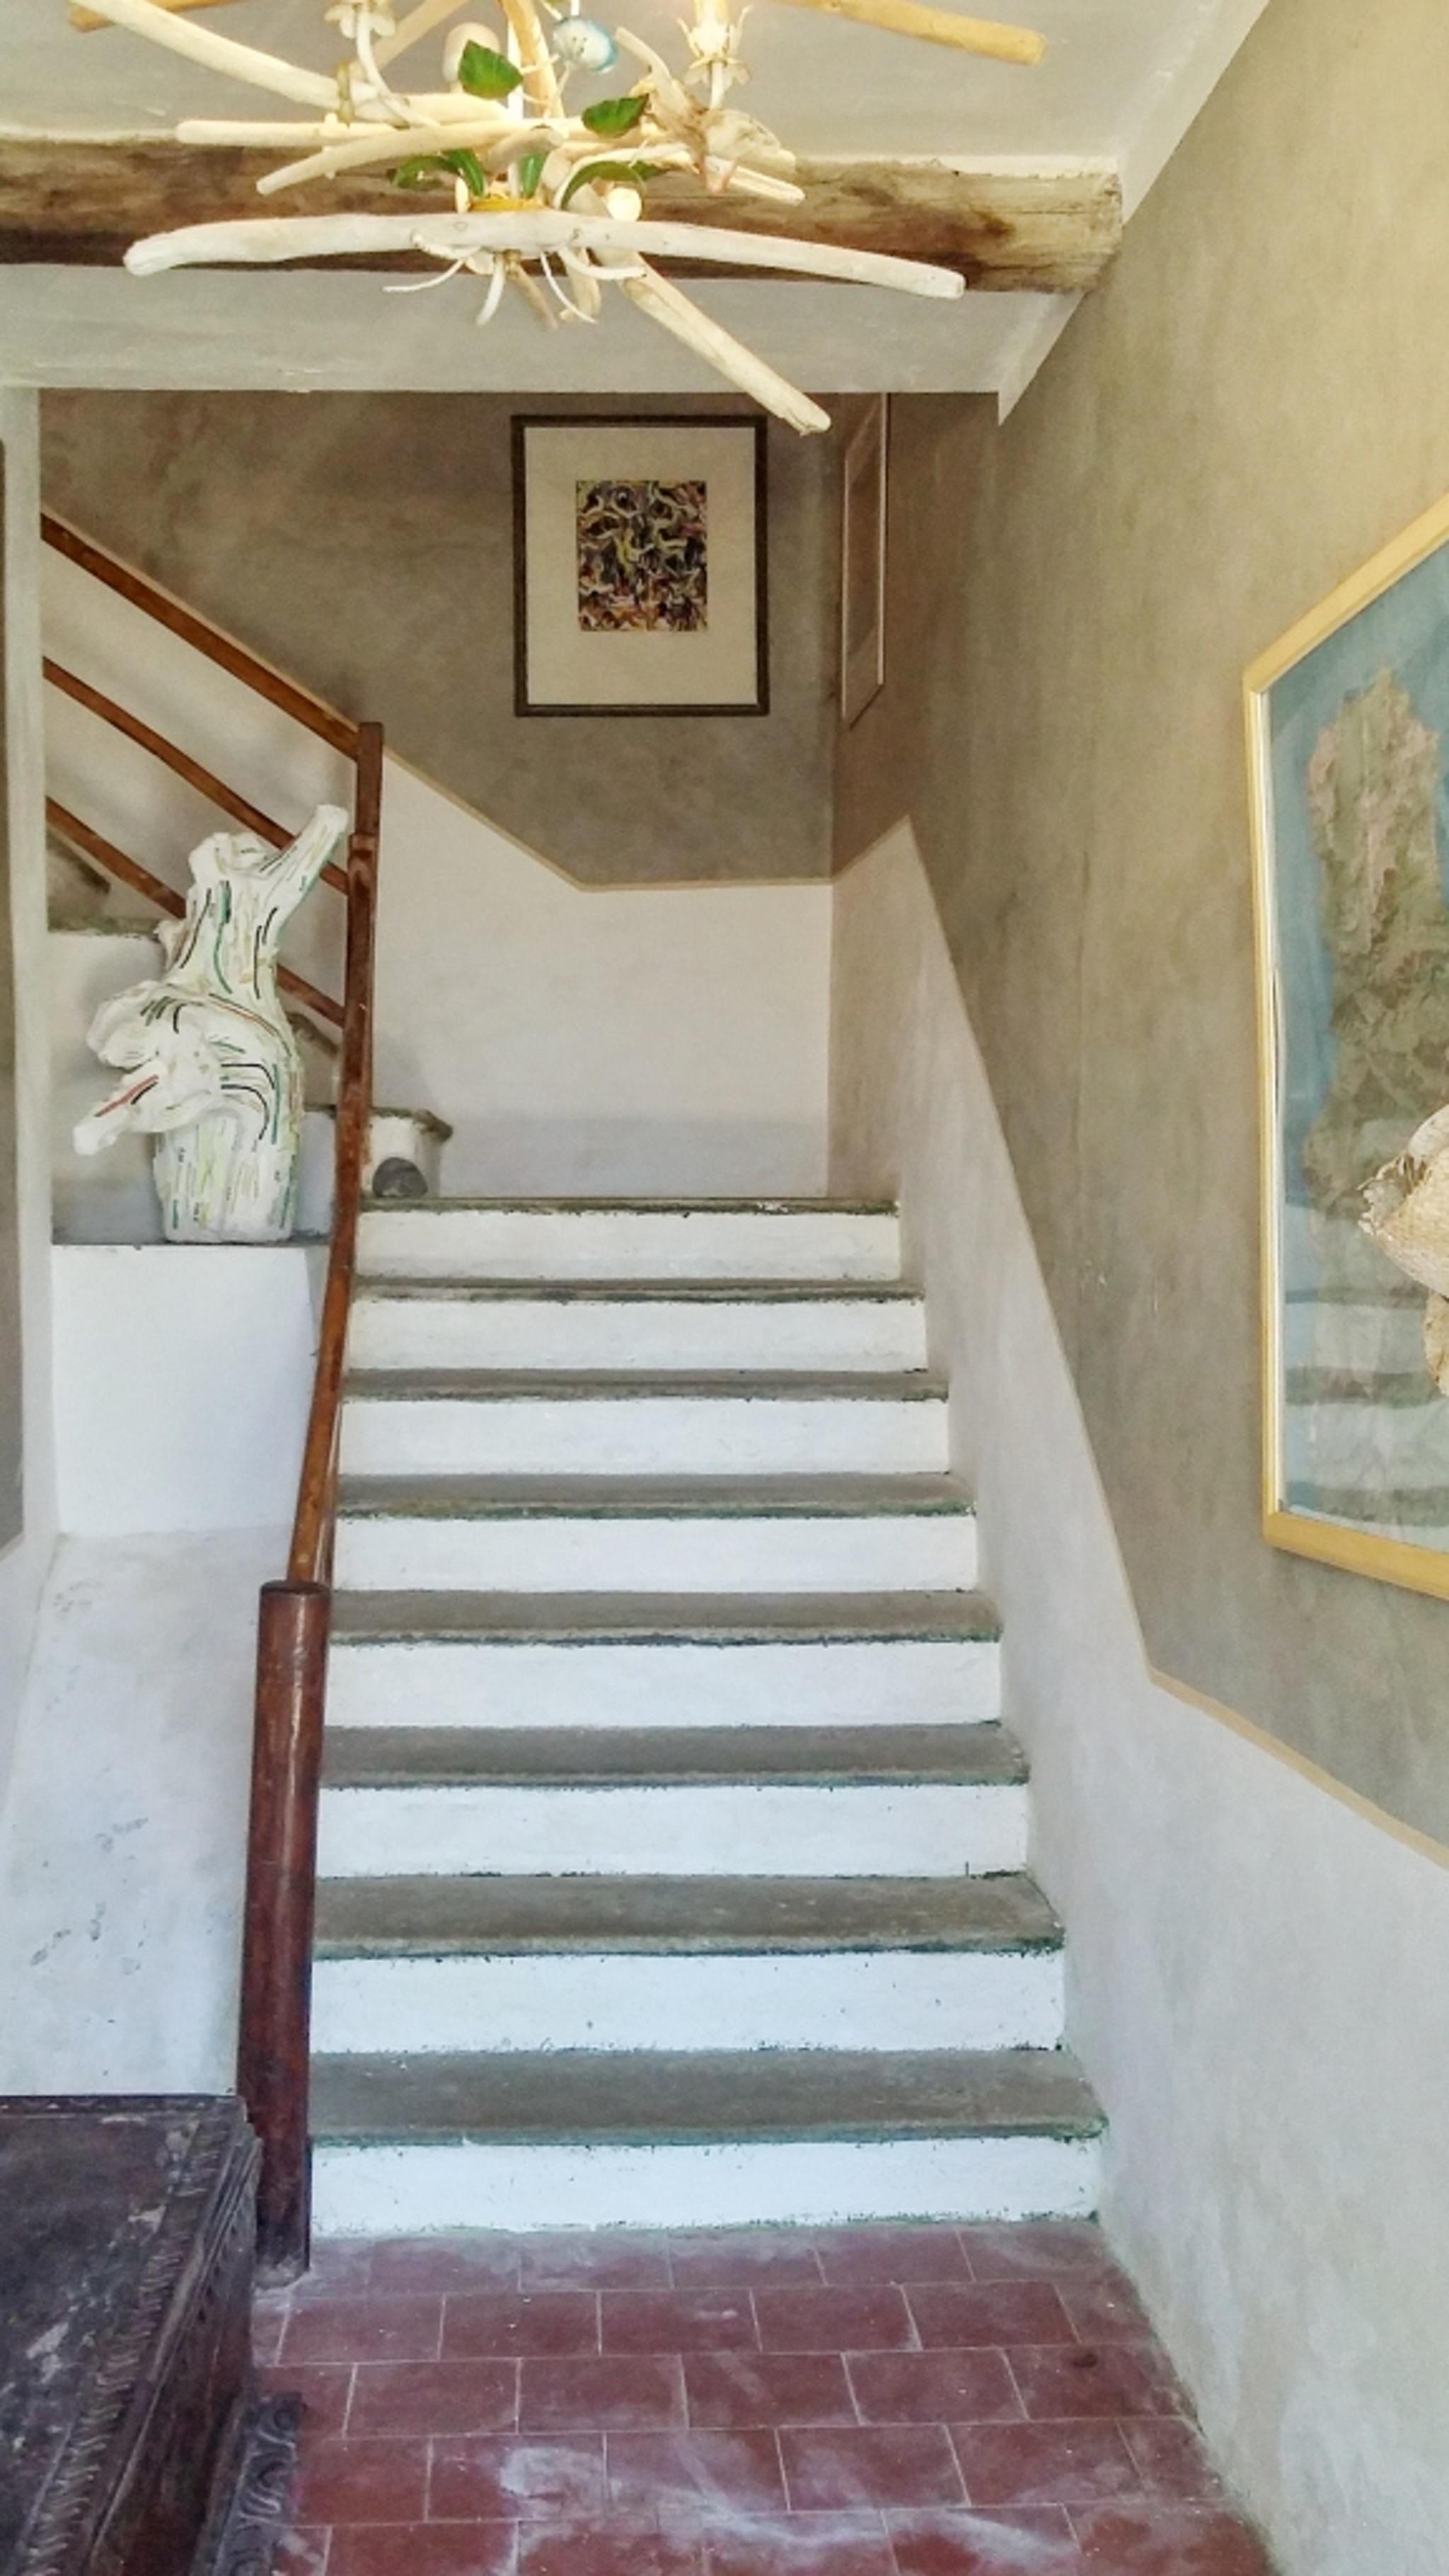 Ferienhaus Herrliches Haus mit neun Schlafzimmern und grandiosem Blick aufs Meer im hübschen Dörfchen (2202571), Centuri, Nordkorsika, Korsika, Frankreich, Bild 12